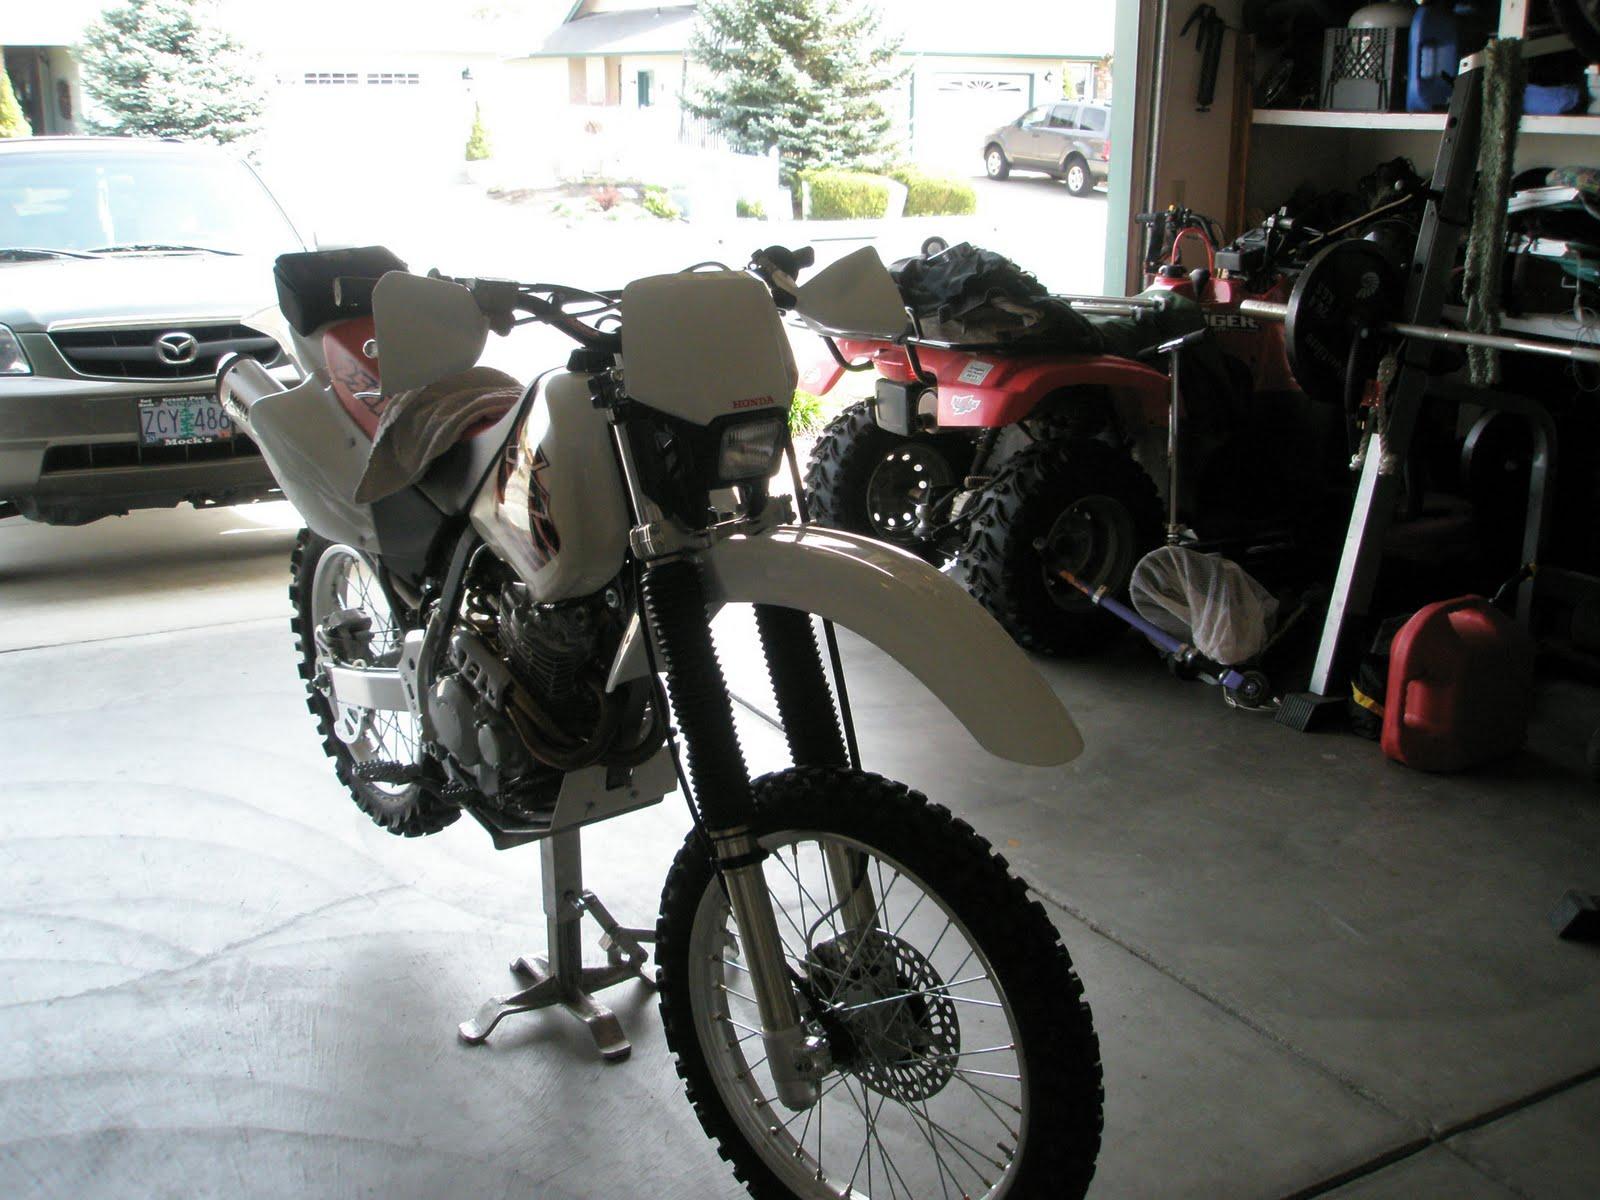 http://1.bp.blogspot.com/_fmD16zPG3pc/S7EJ66s6YnI/AAAAAAAADsw/WWLJ3q6xu_Y/s1600/Scott%27s+bike.JPG